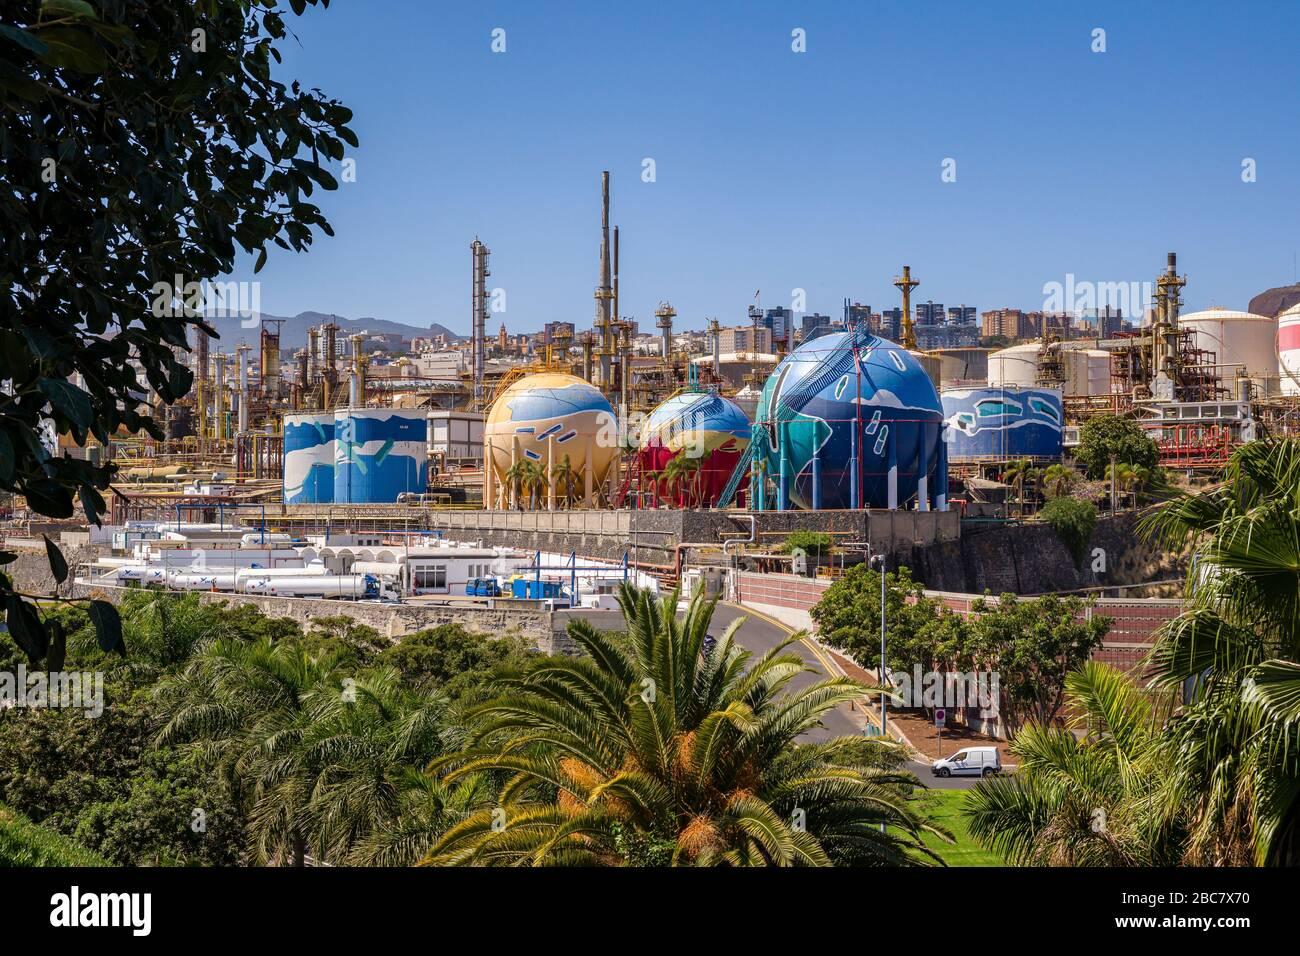 Colorful buildings and structures of the Oil refinery Refinería de Santa Cruz de Tenerife Stock Photo